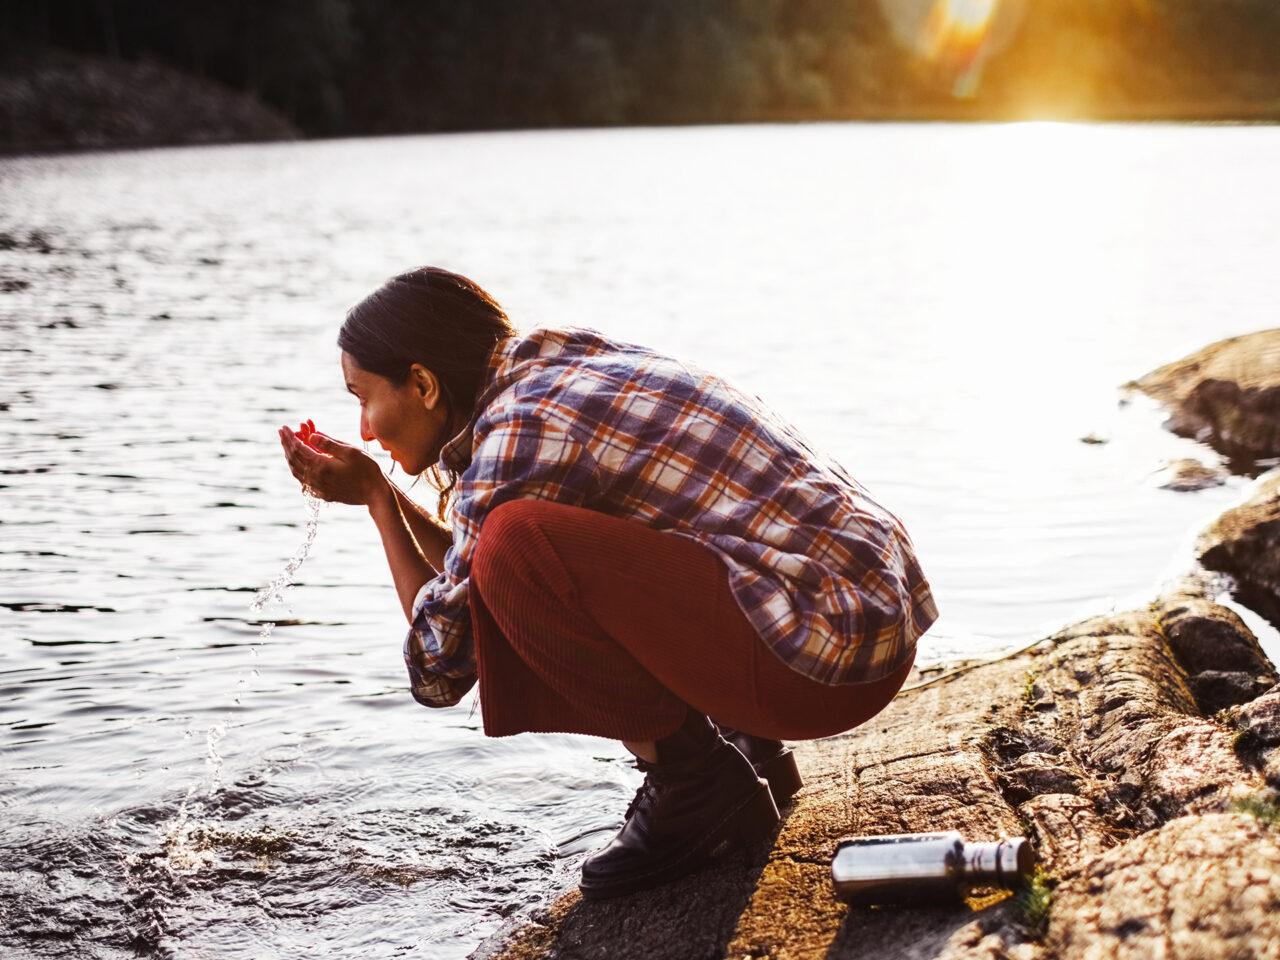 sjö, friluftsliv, solnedgång, utflykt, vatten, tvätta sig, rent vatten, hemester,